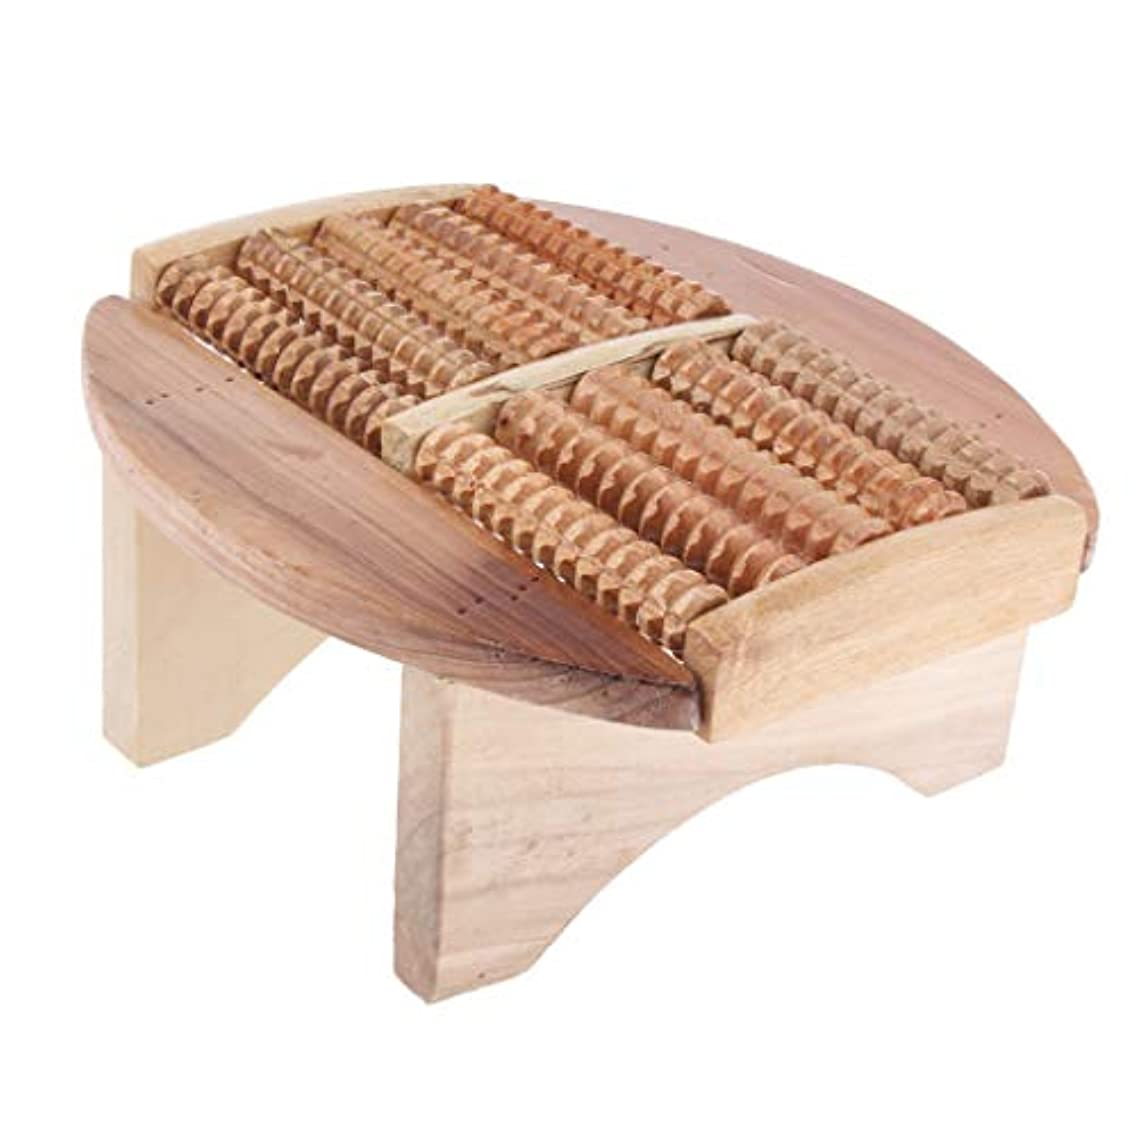 ひねくれた東閲覧するBaoblaze フットマッサージスツール 木製 足湯ステップ マッサージ スツール SPA